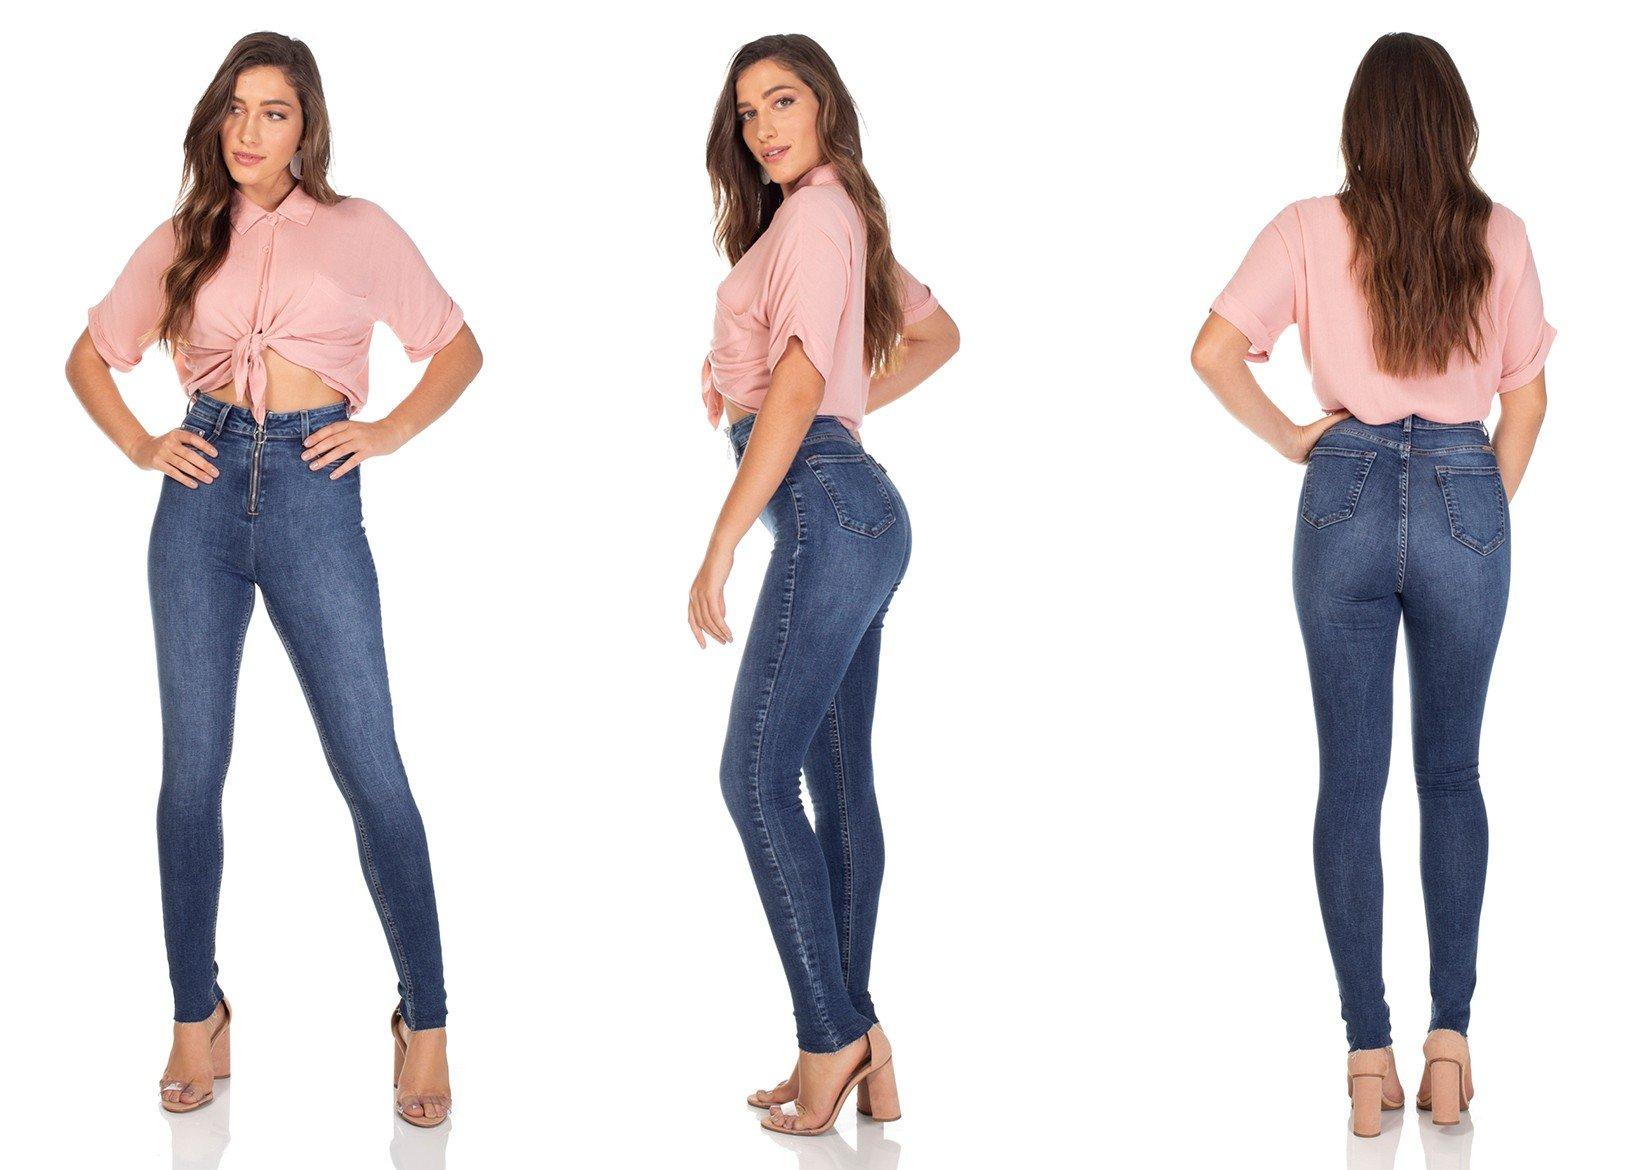 dz3105 calca jeans skinny cintura alta hot pants com ziper denim zero tripla